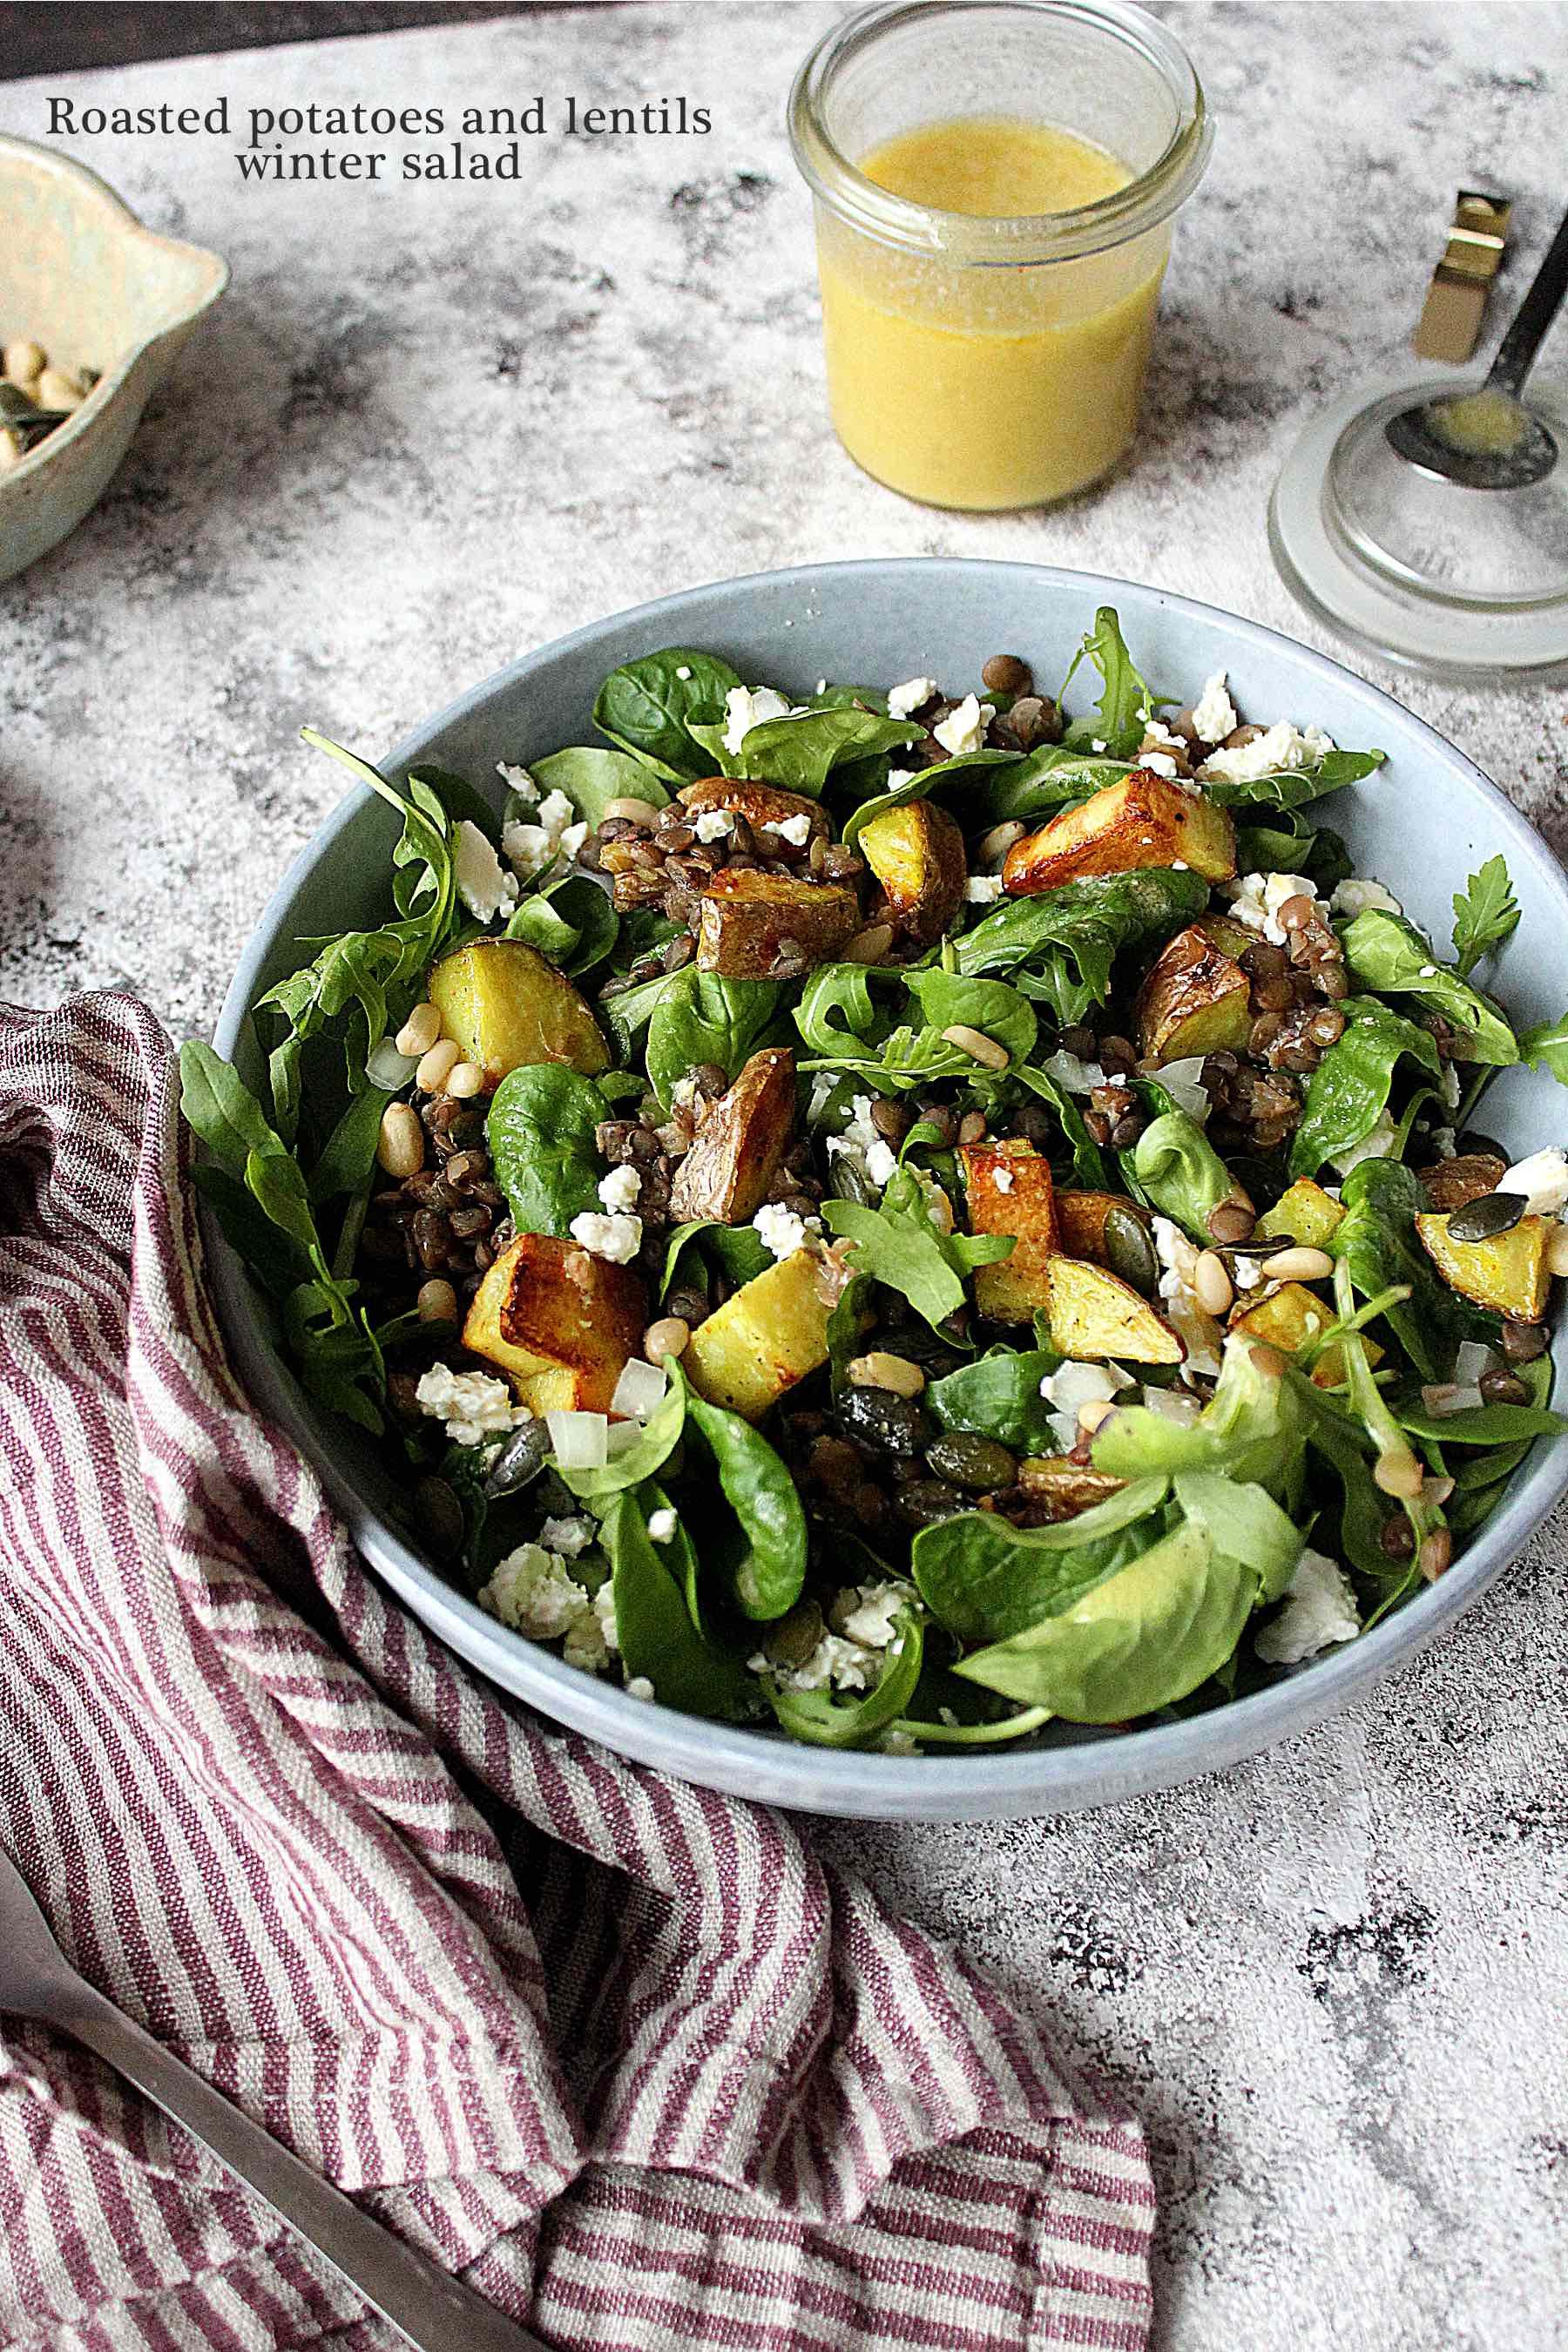 Salade complète aux pommes de terre et lentilles